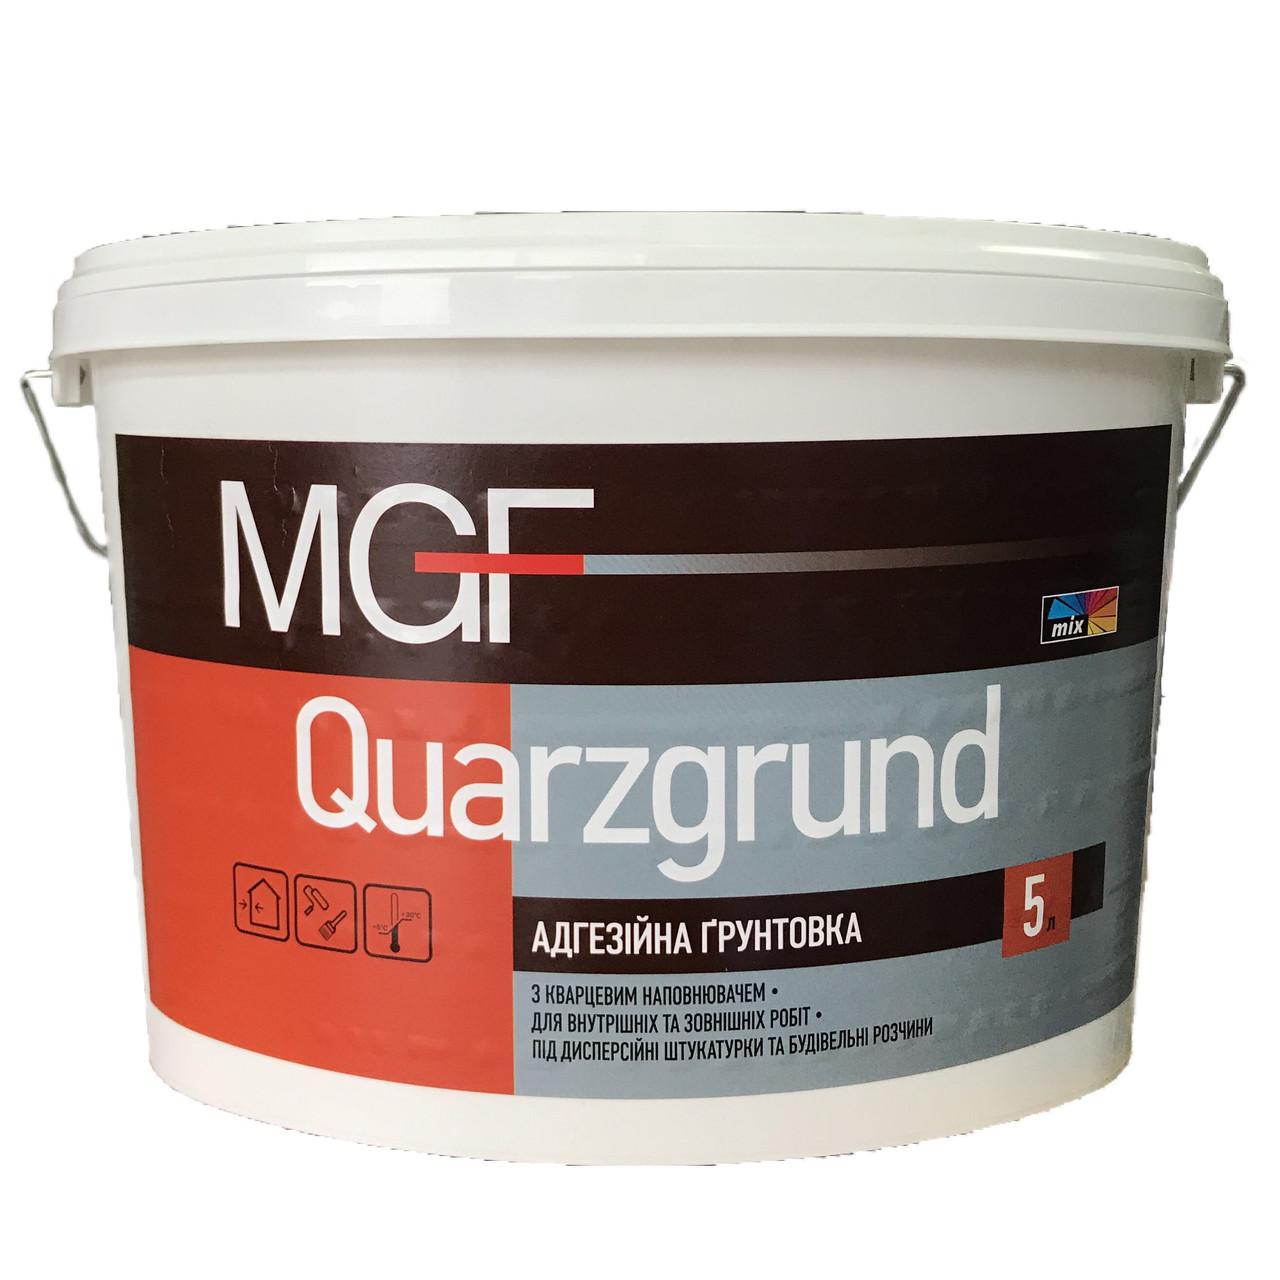 Кварцева грунтовка MGF QUARZGRUND 5л